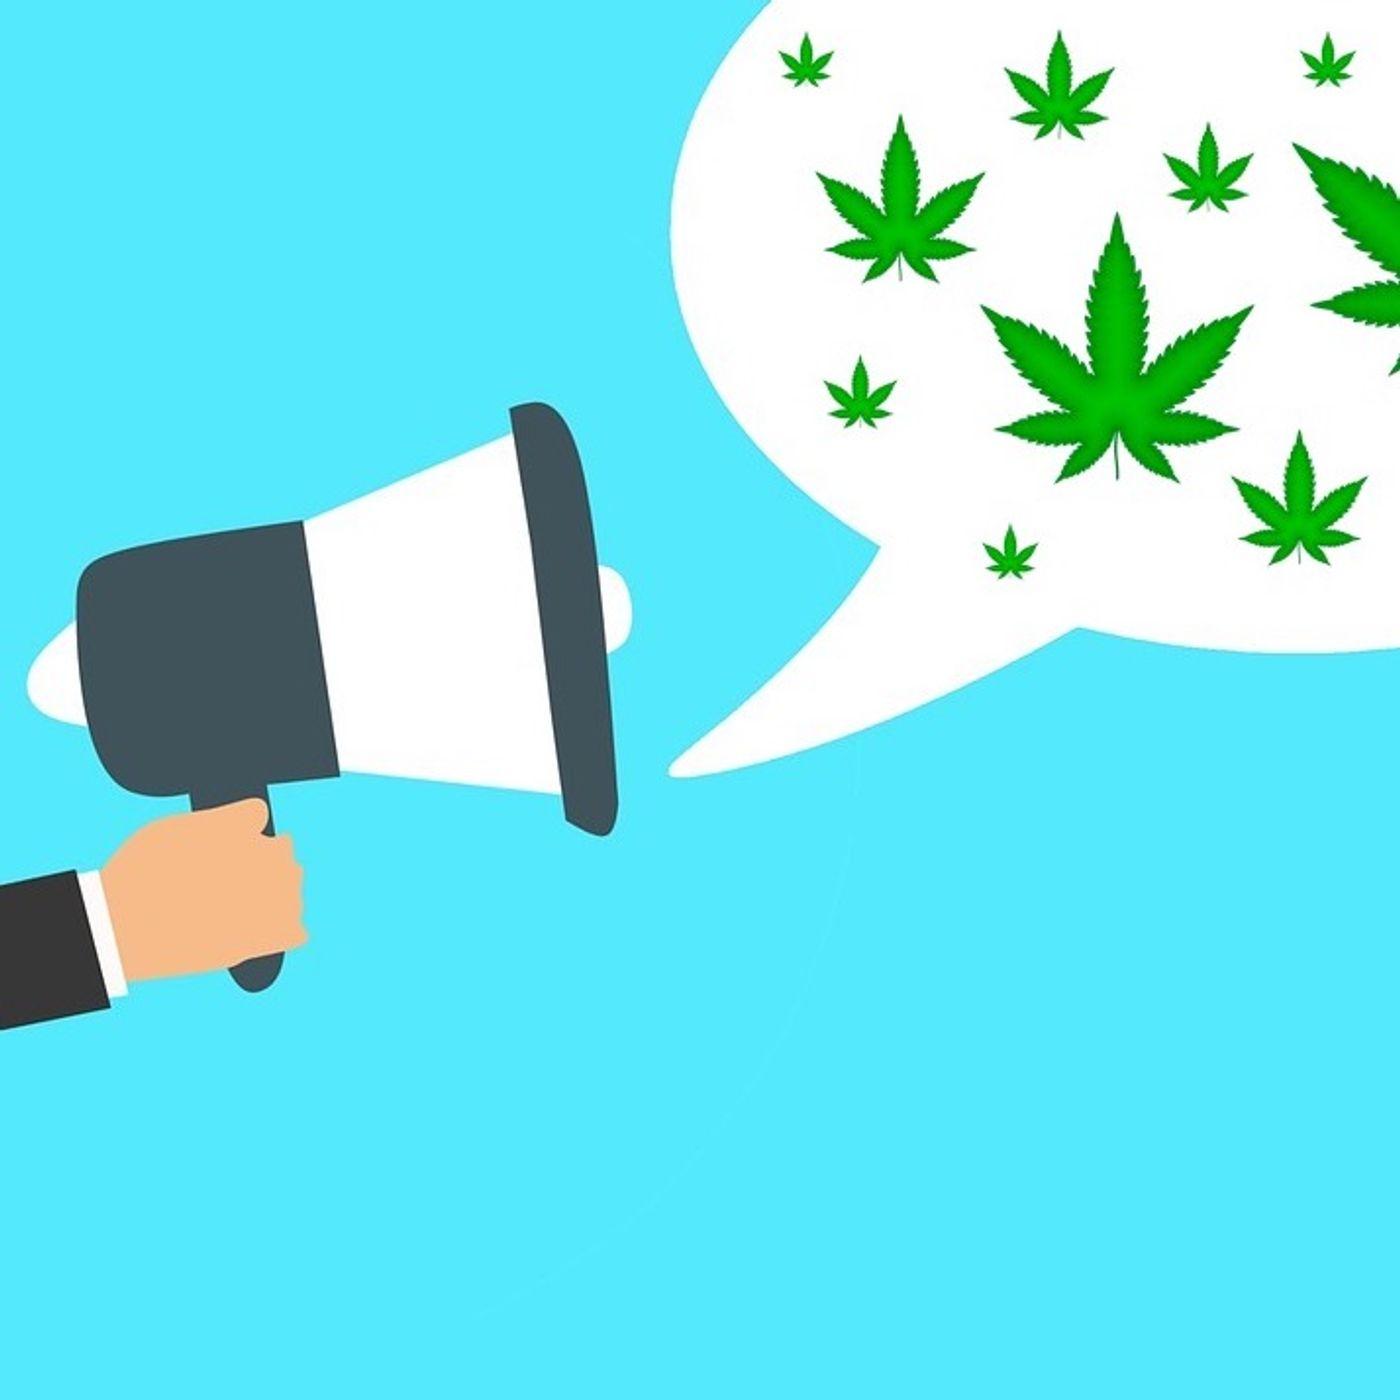 Una legge per l'autoproduzione di cannabis, firma l'appello!